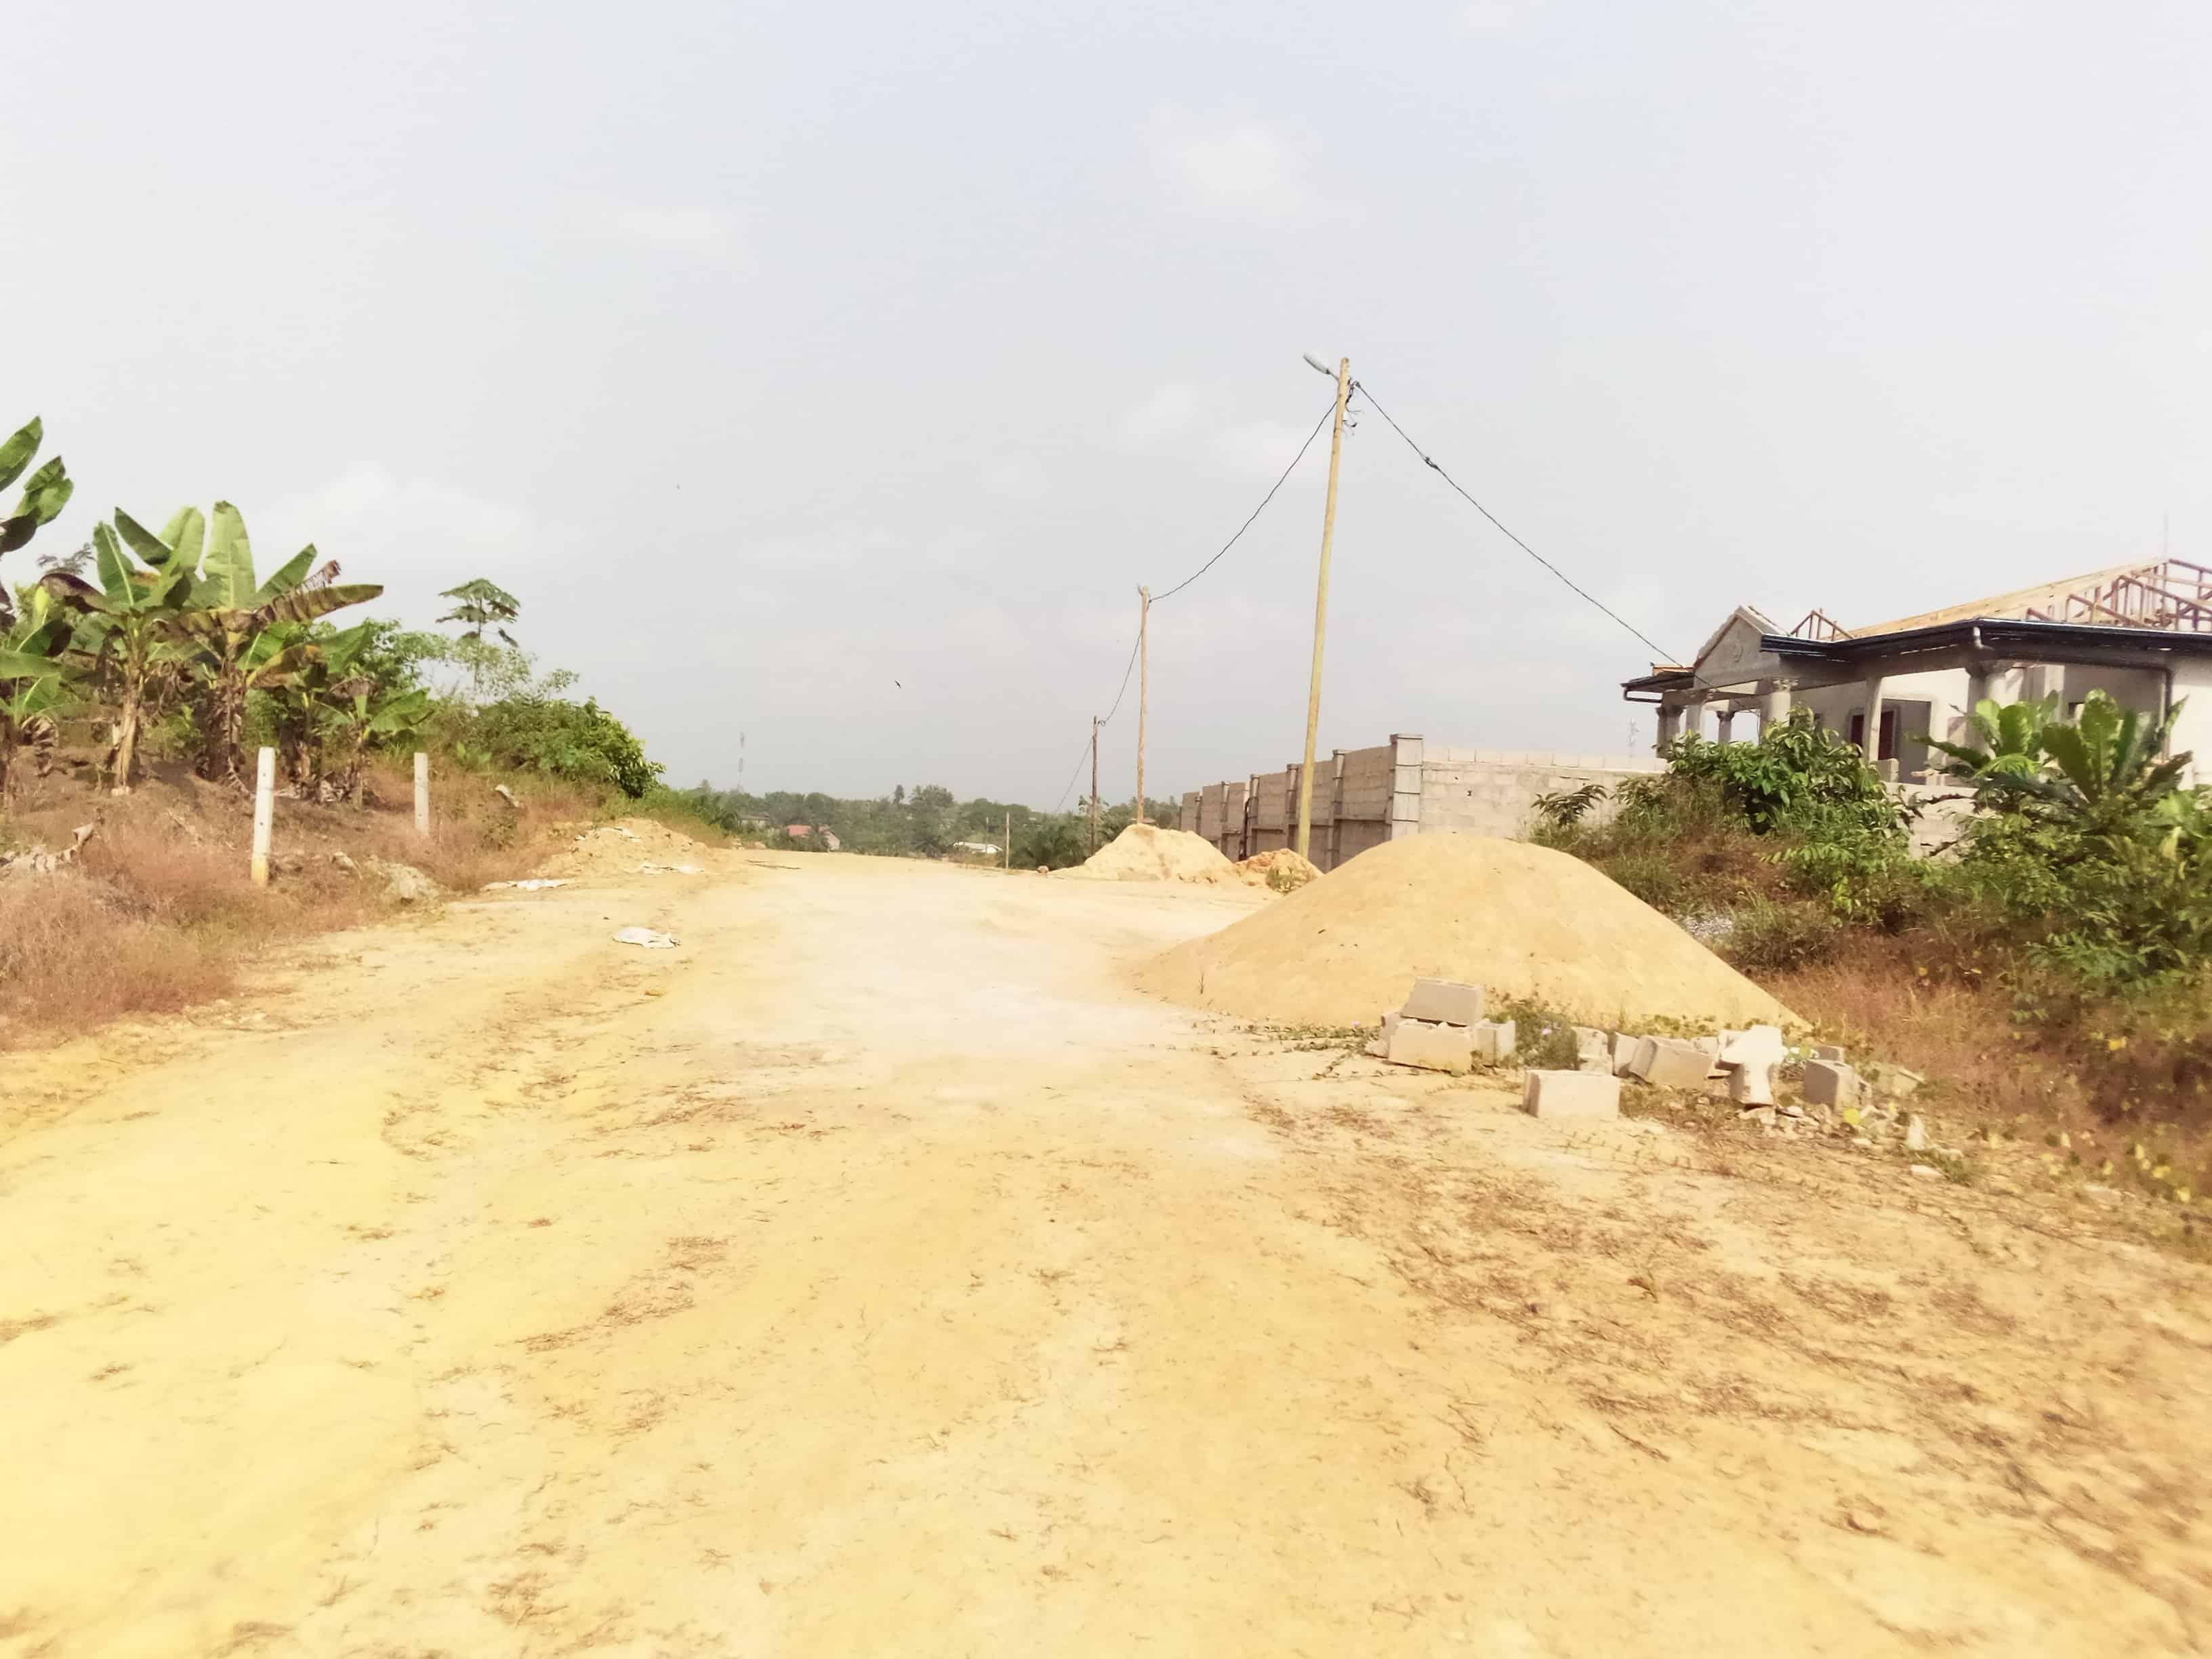 Land for sale at Douala, PK 19, coté droit bien placé , nouveau lottissement déja habité , plus de 3 ha encore disponibles - 500 m2 - 7 000 000 FCFA